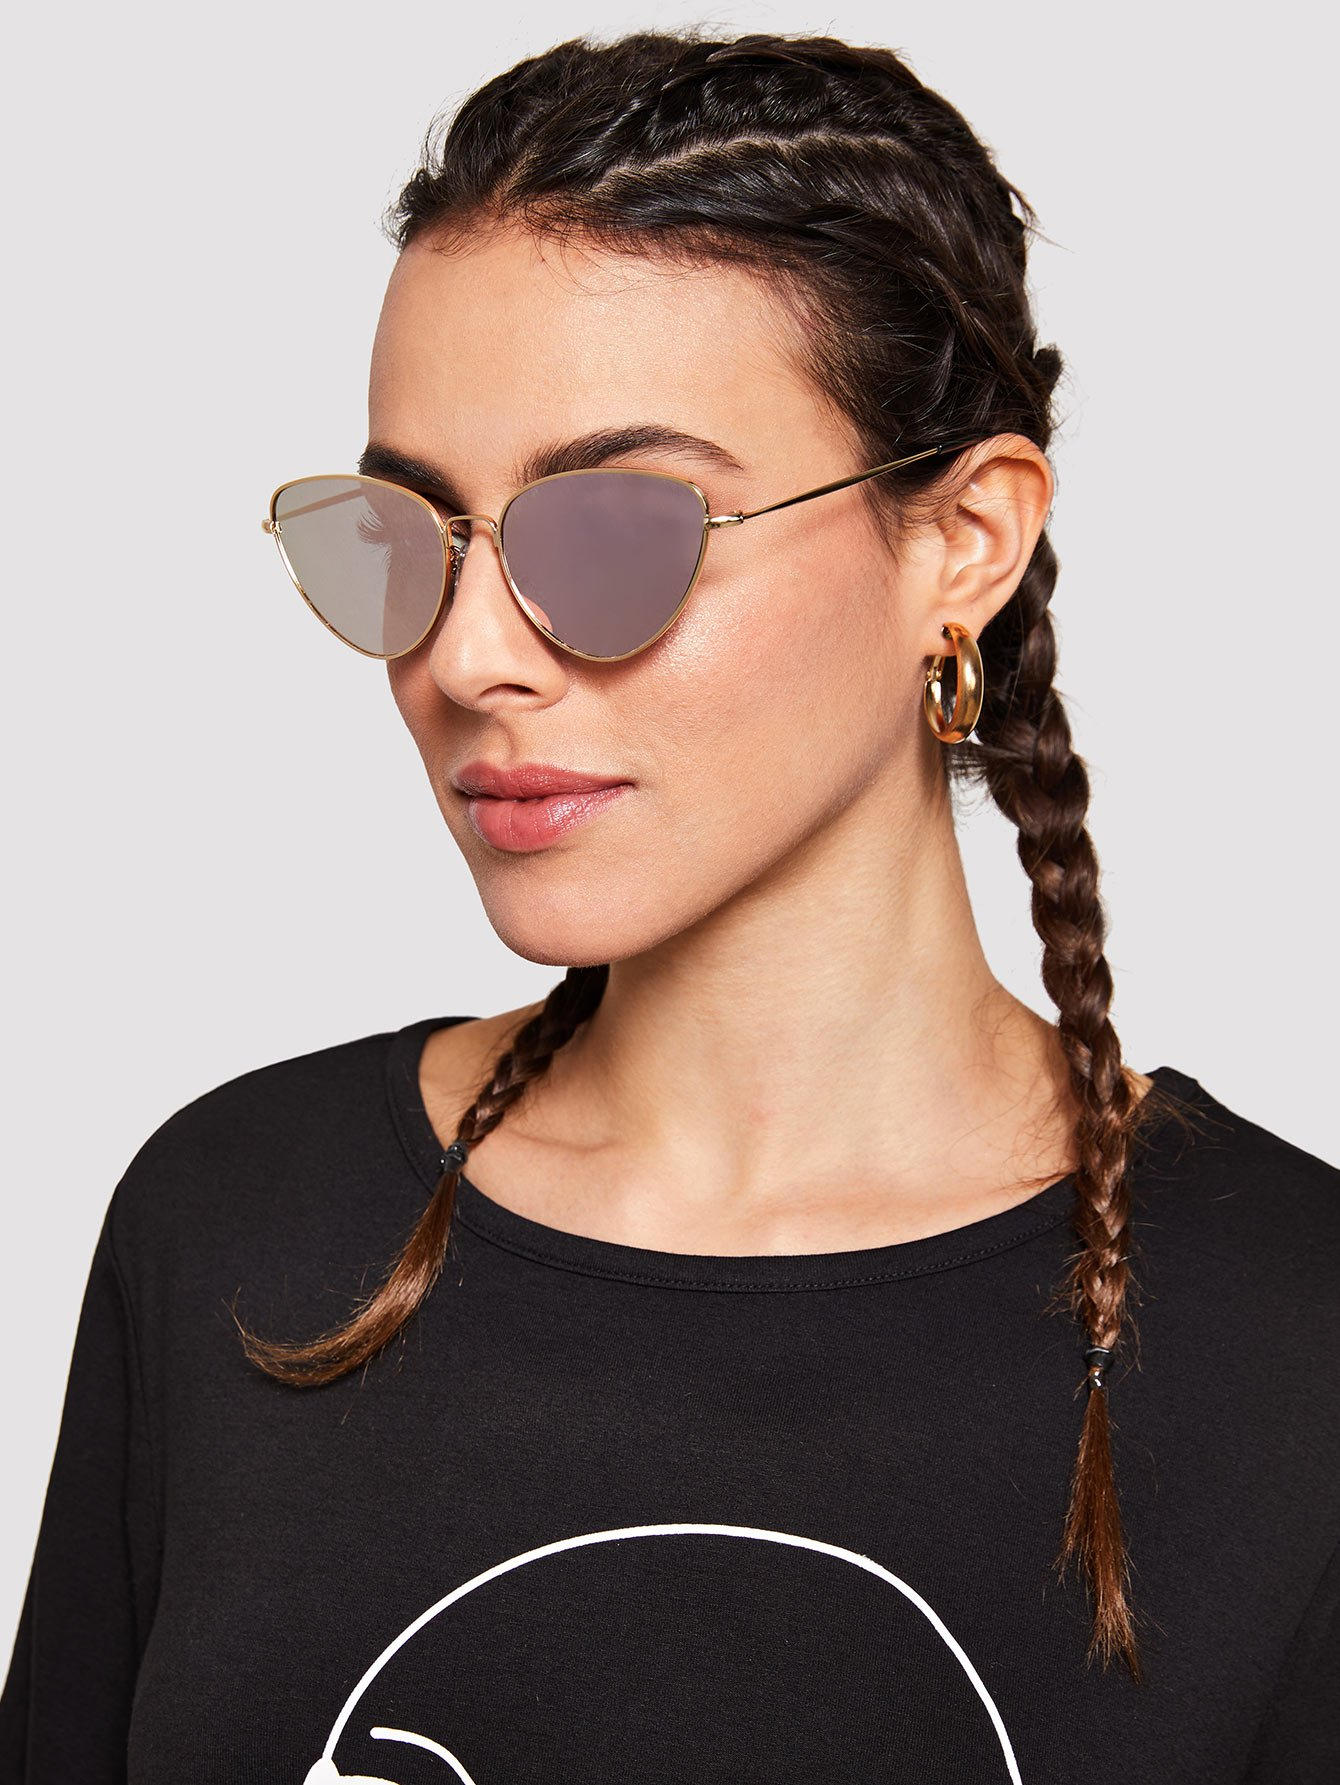 Купить Солнцезащитные очки кошки с металлической оправой, null, SheIn